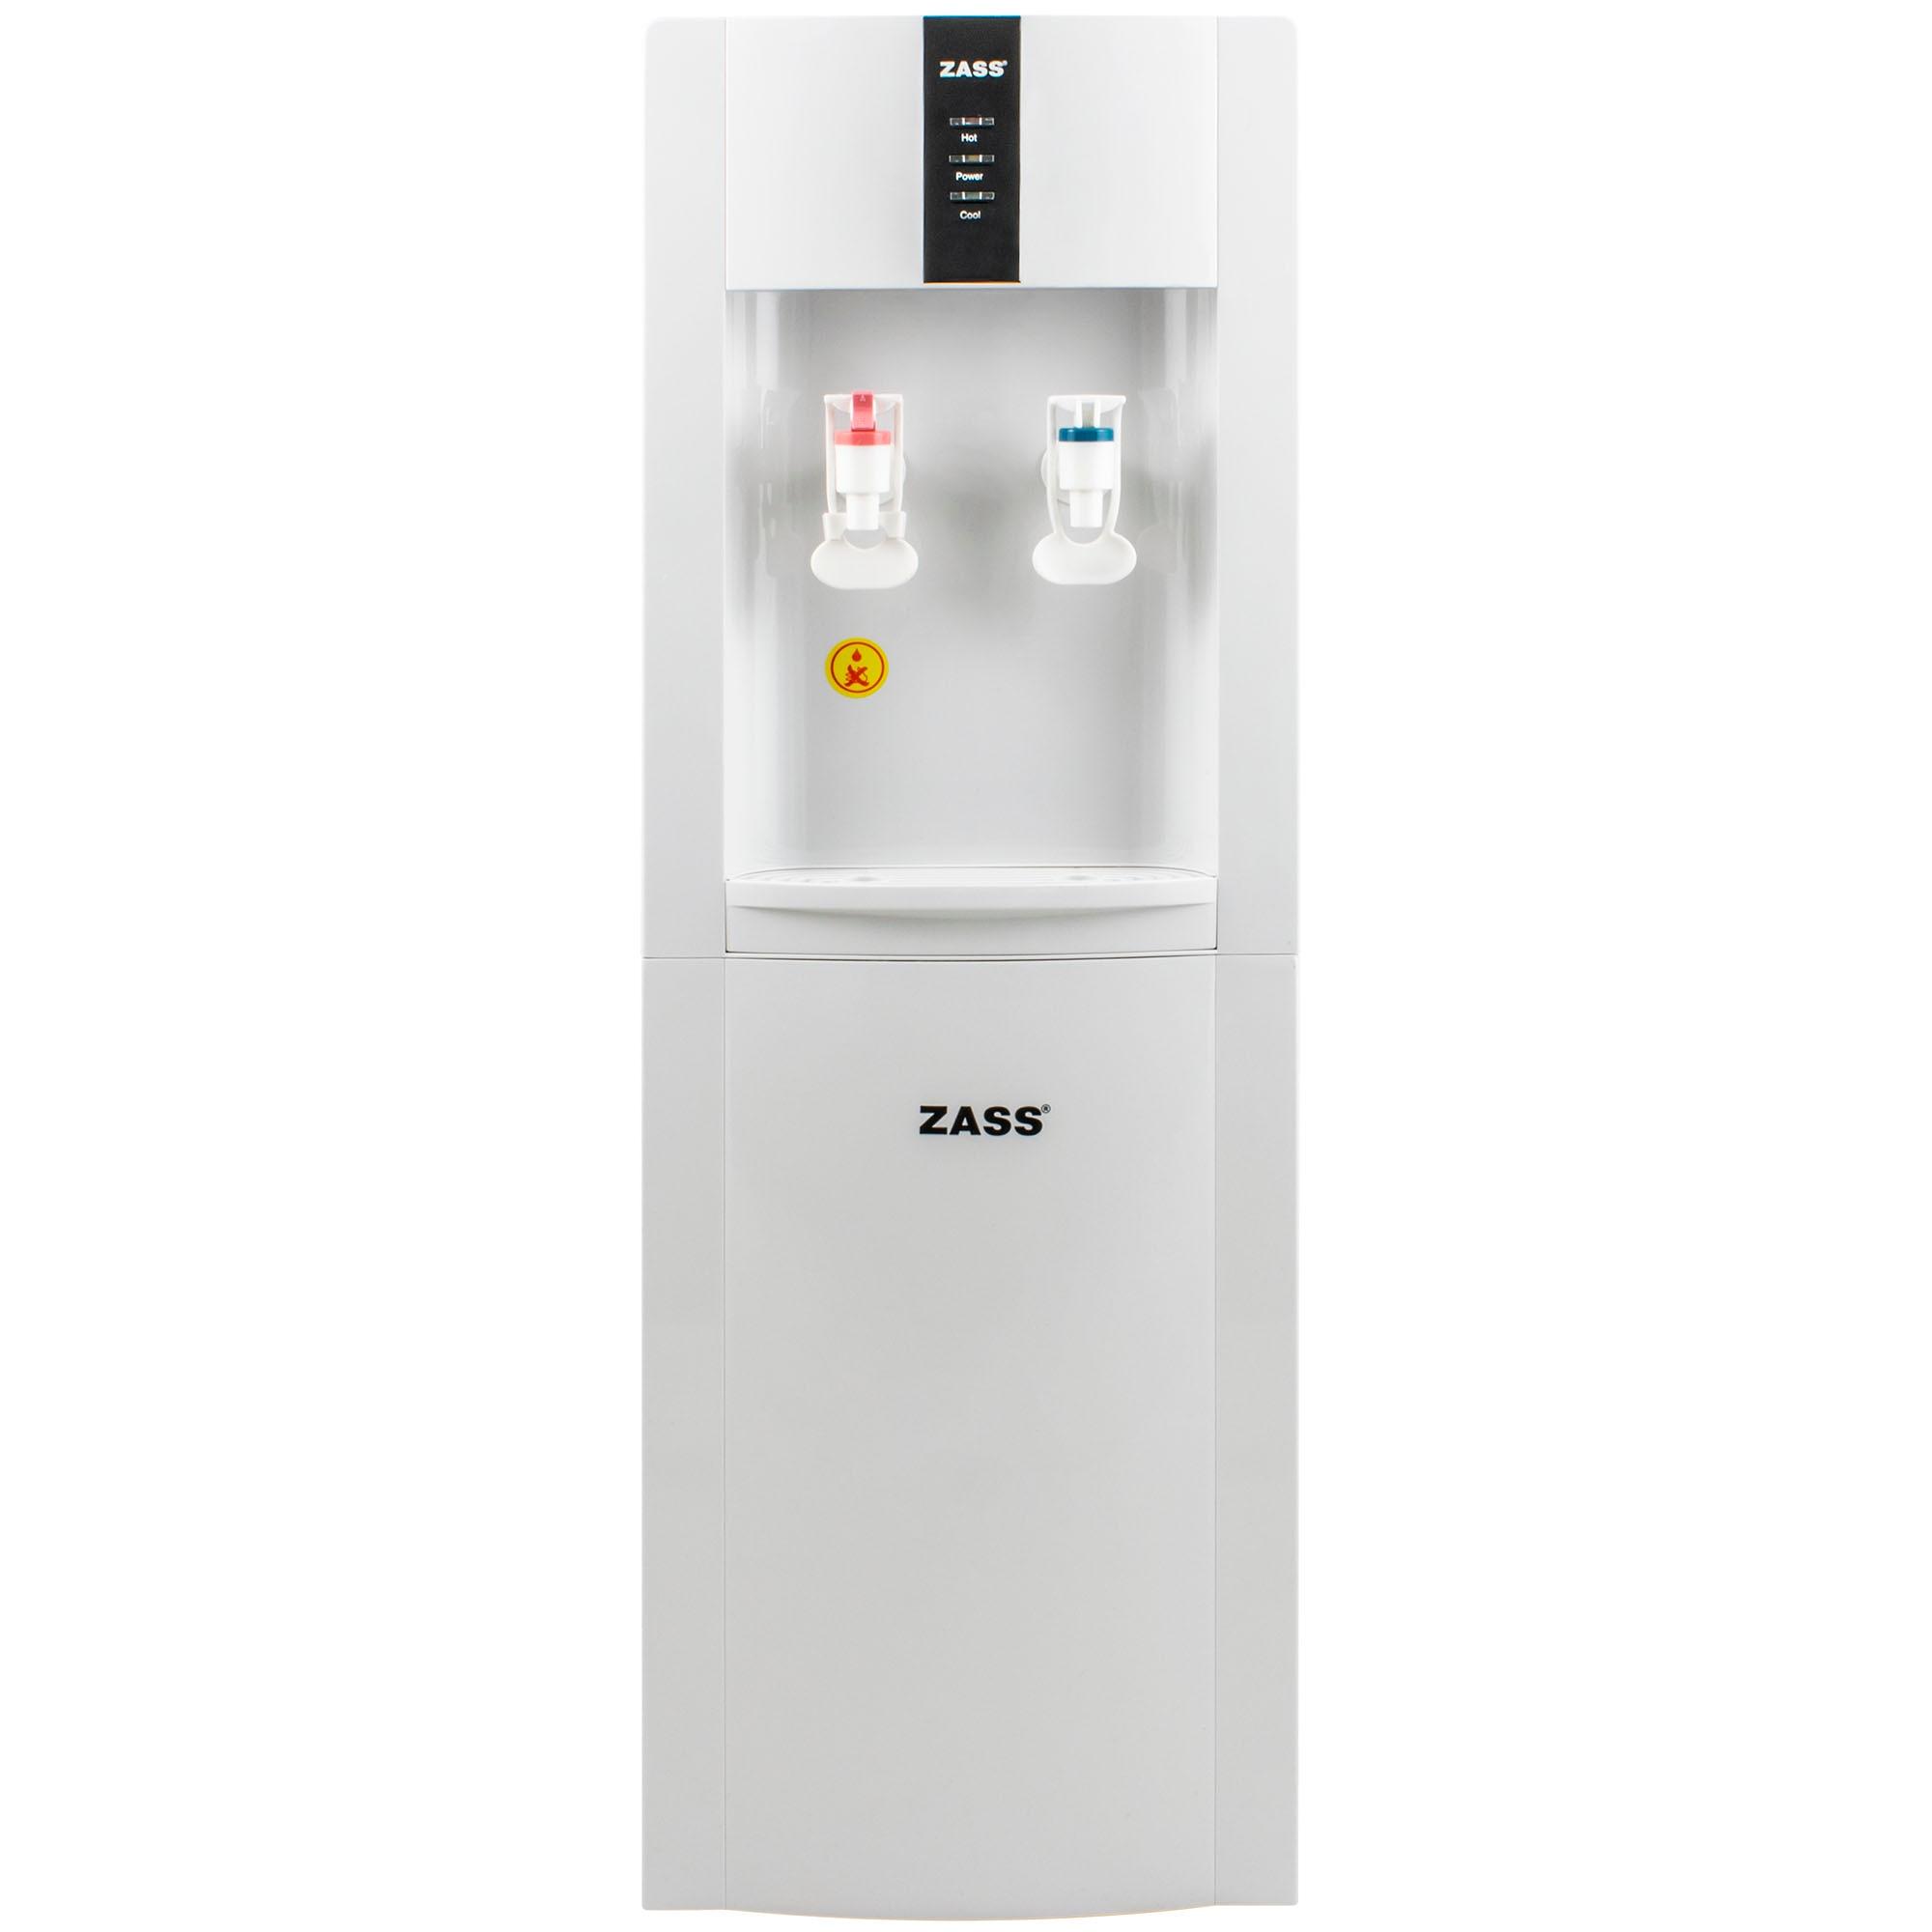 Fotografie Dozator apa de podea Zass ZWD 05 WF cu conexiune la retea, sistem de filtrare a apei, apa calda/apa rece, racire cu compresor